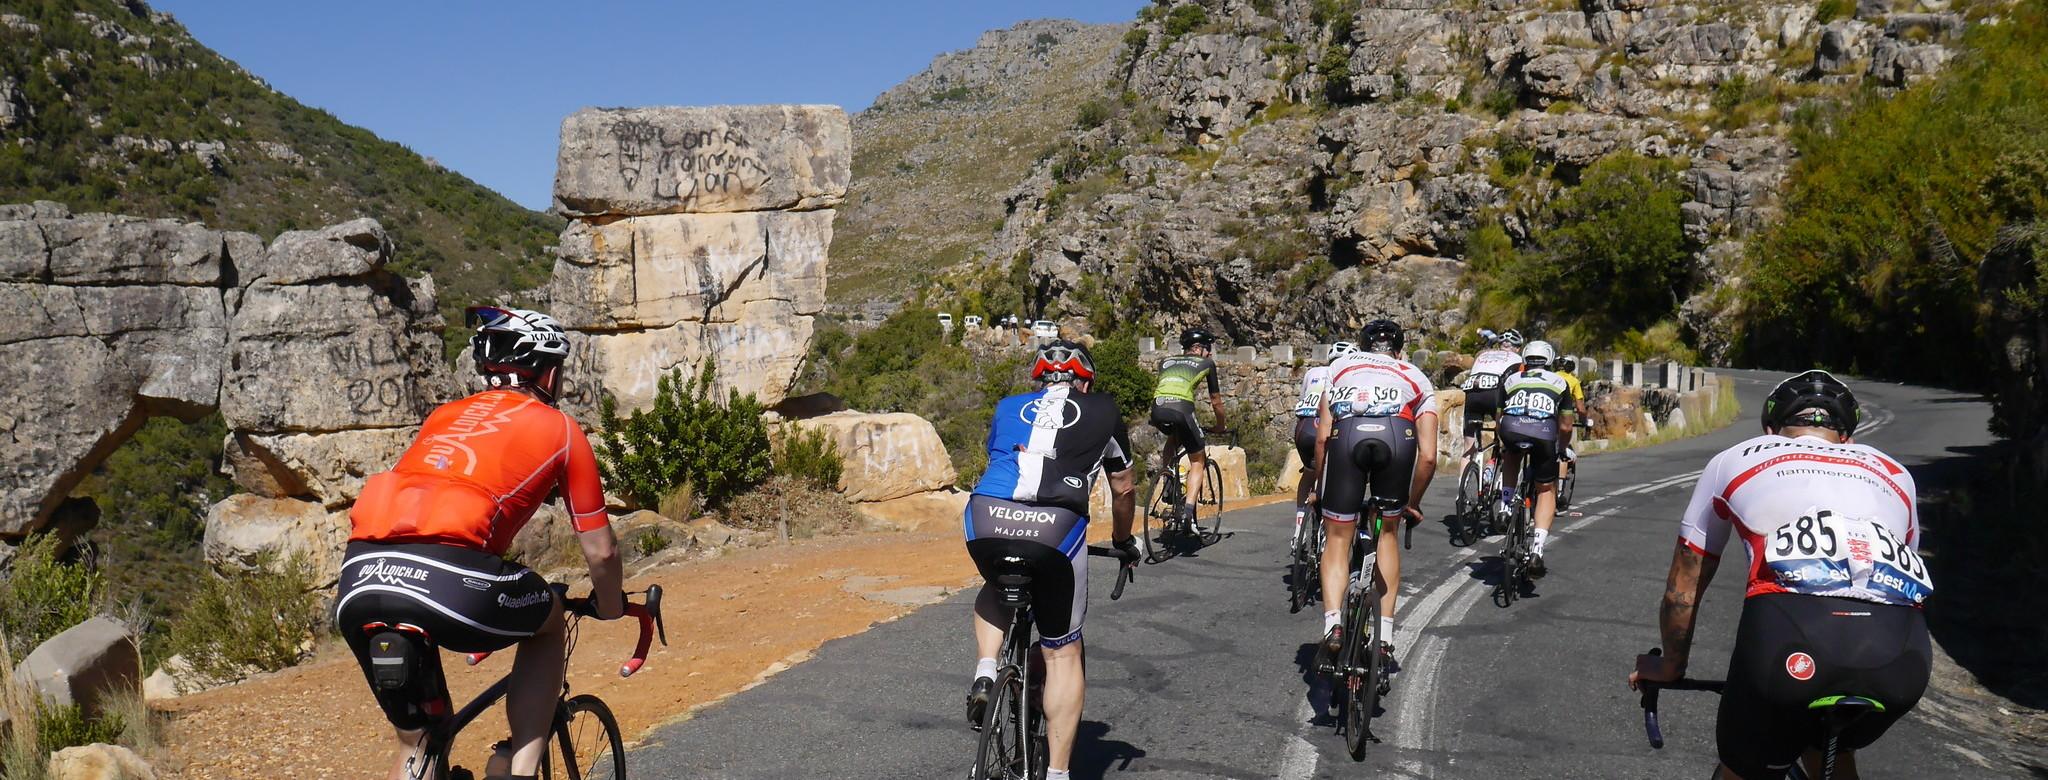 Rückblick auf die erste Südafrika-Reise mit quaeldich.de